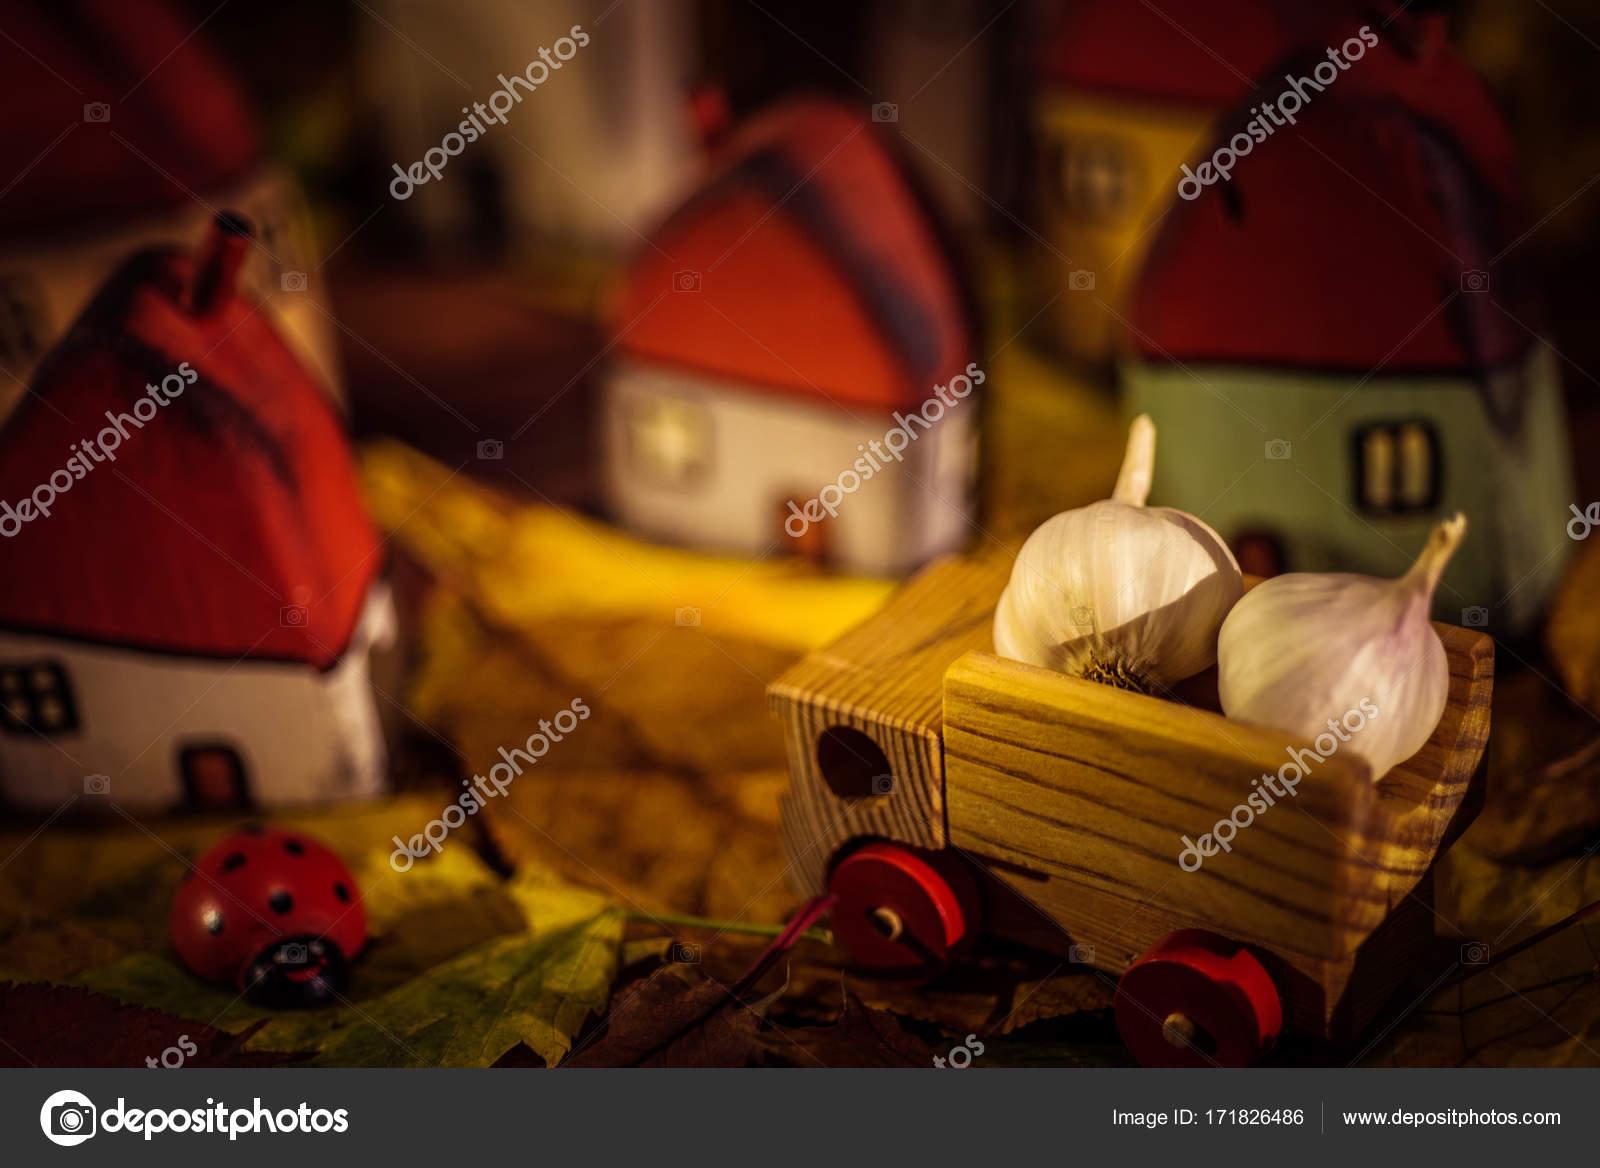 e0289a4c9aea Παραμυθένιο χωριό νάνος με μικρά σπίτια και ένα καλάθι σε Φθινοπωρινό  δάσος. Χειροποίητα ξύλινα παιχνίδια — Εικόνα από ...